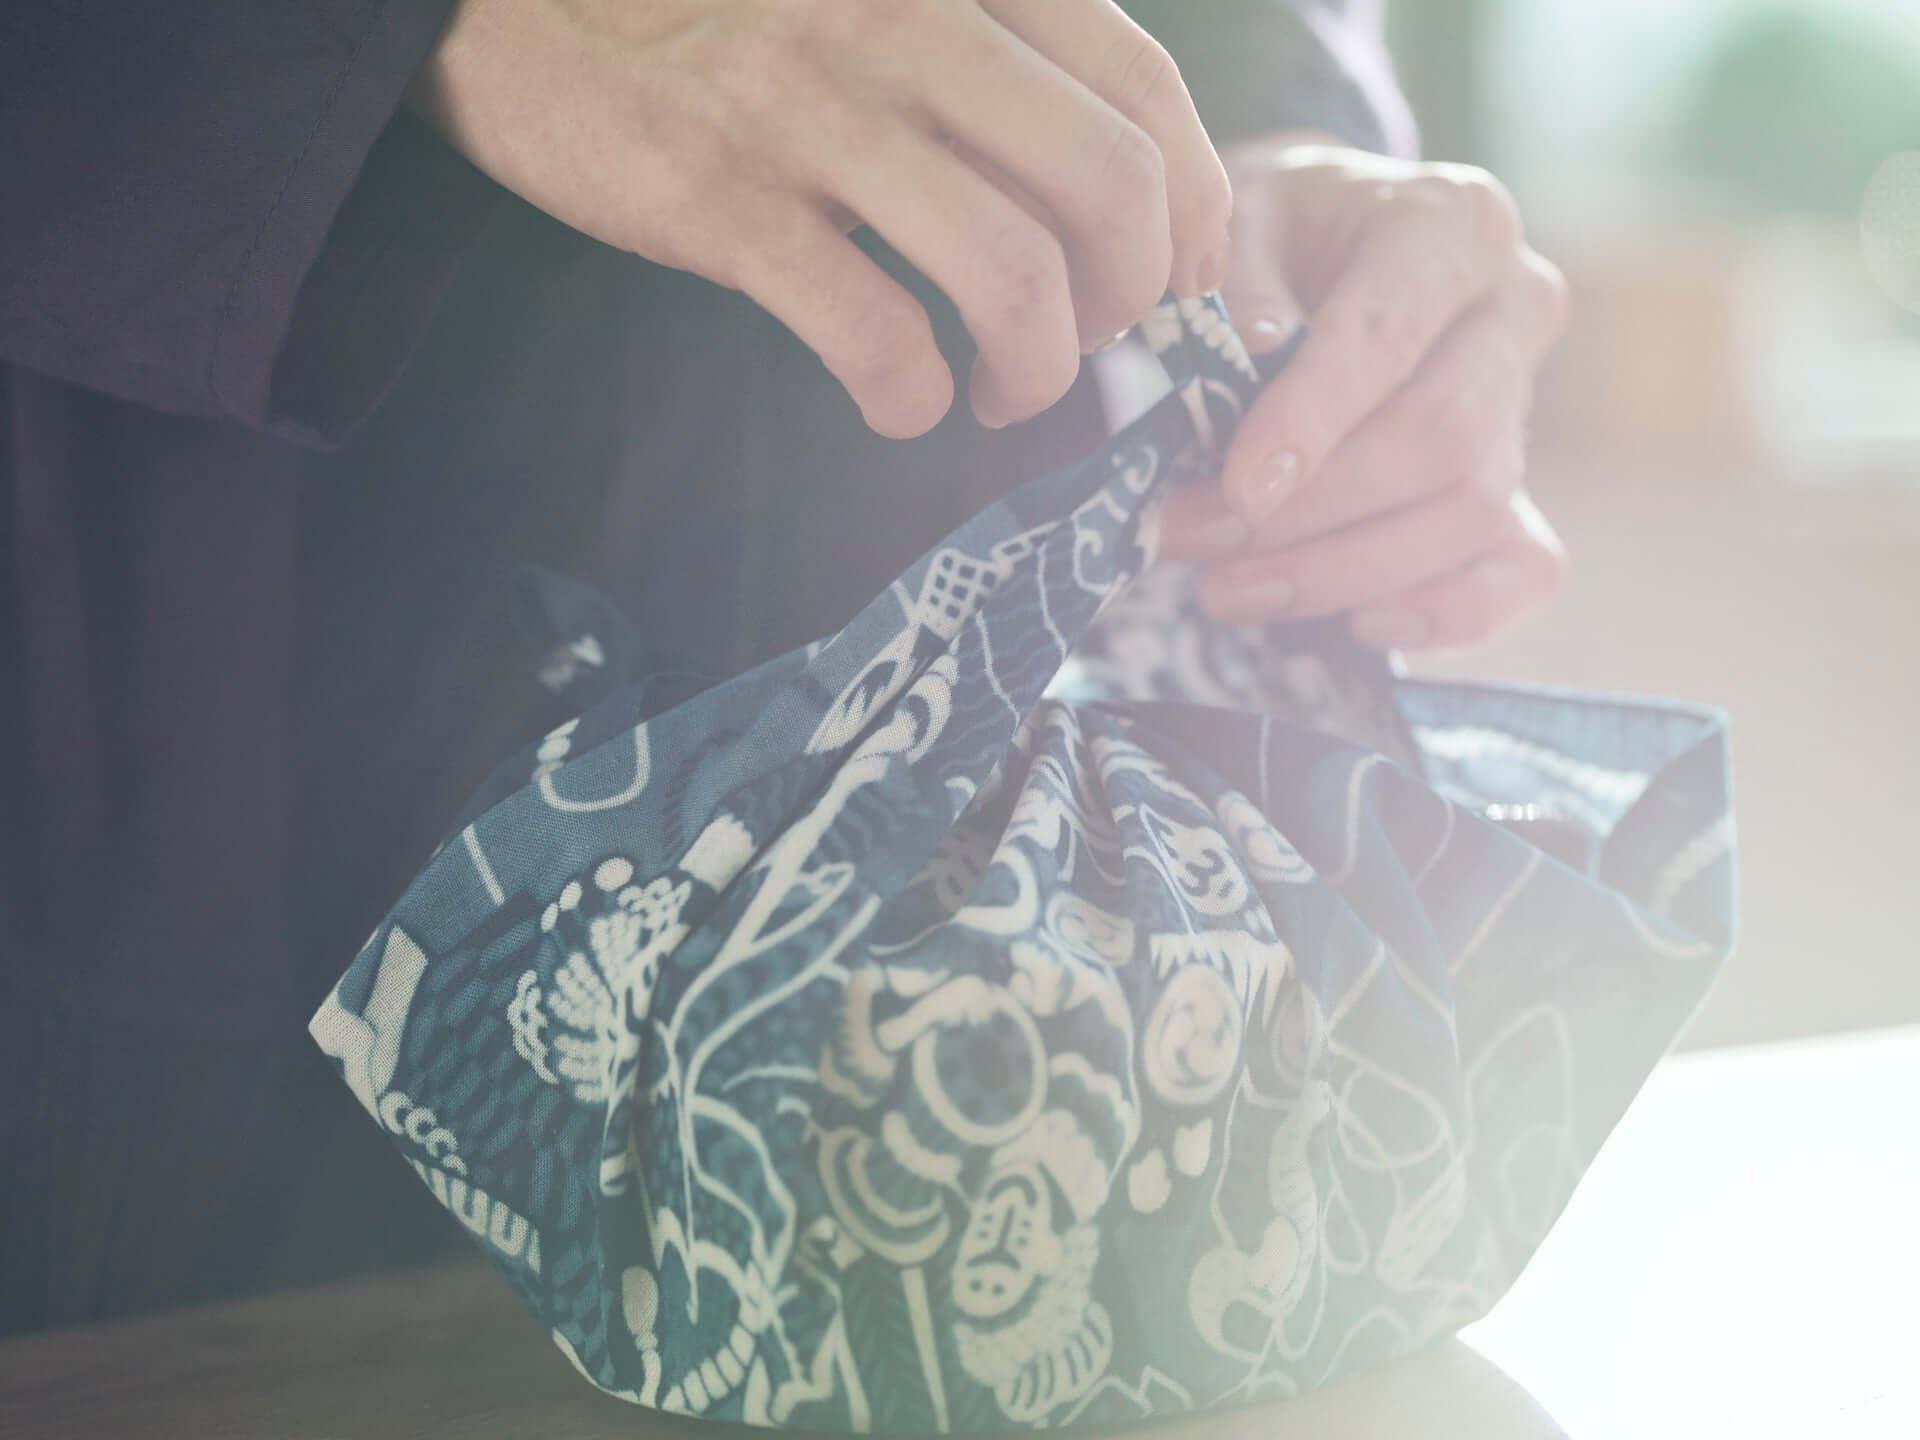 現代装飾家・京森康平と藍師/染師・BUAISOUが手掛けたマスク&手拭いも販売!『日に流れて橋に行く』×誠品生活日本橋のコラボ企画が始動 lf200806_buaisou-koheikyomori_7-1920x1440